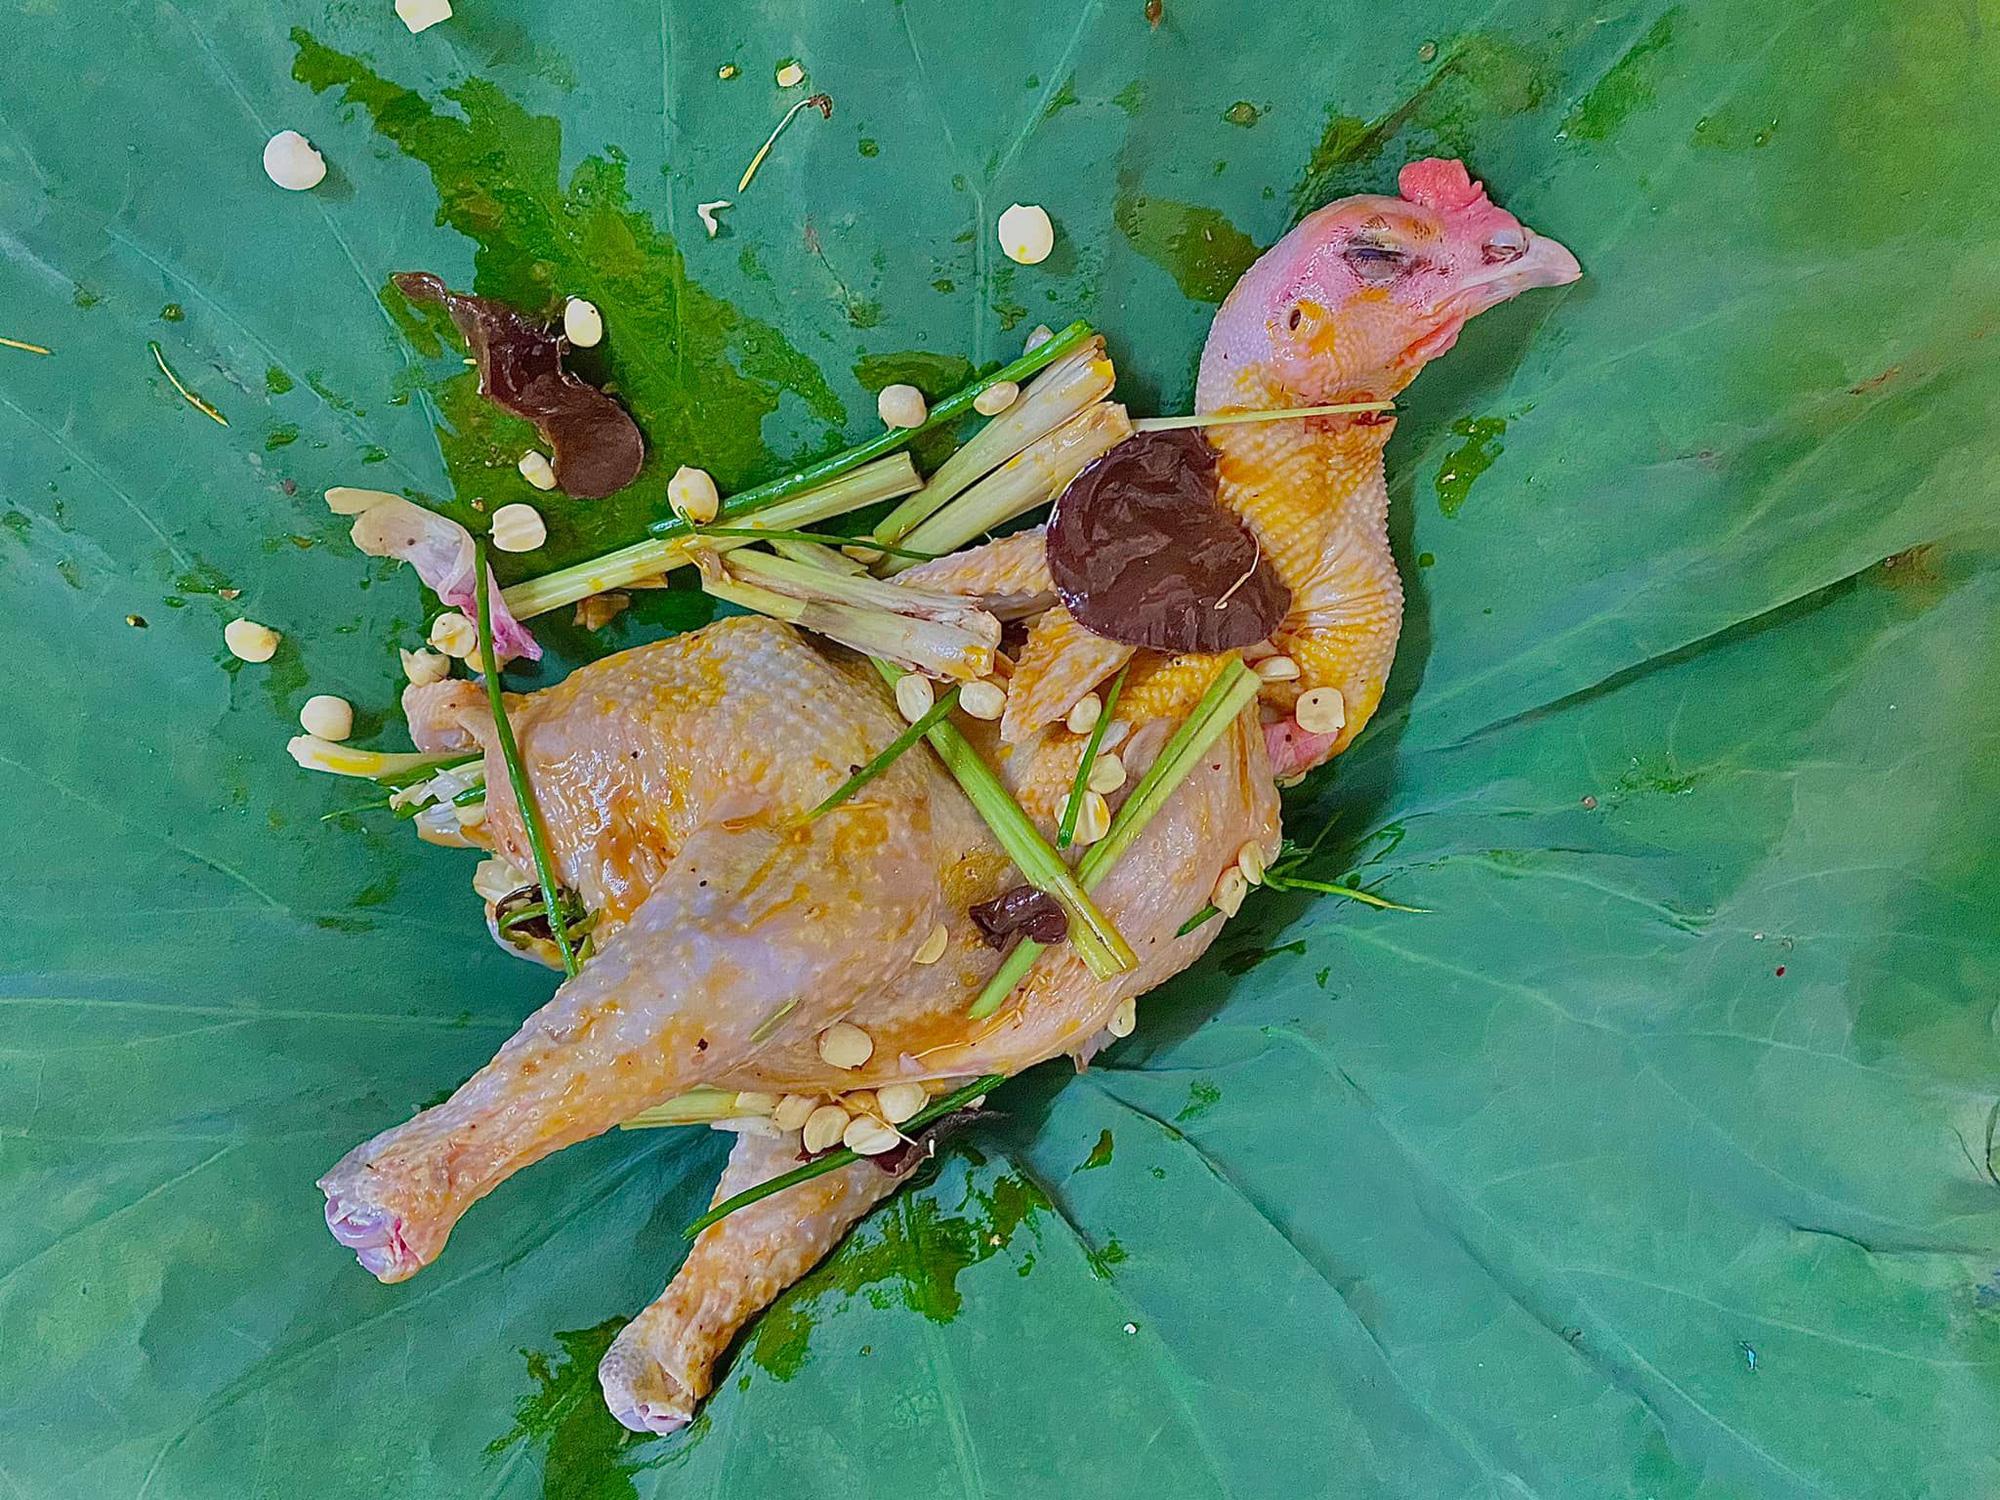 Đang sẵn hạt sen tươi, kết hợp cùng gà theo cách này đảm bảo ngon vô đối, bảo sao vua chúa ngày xưa cũng mê - Ảnh 4.